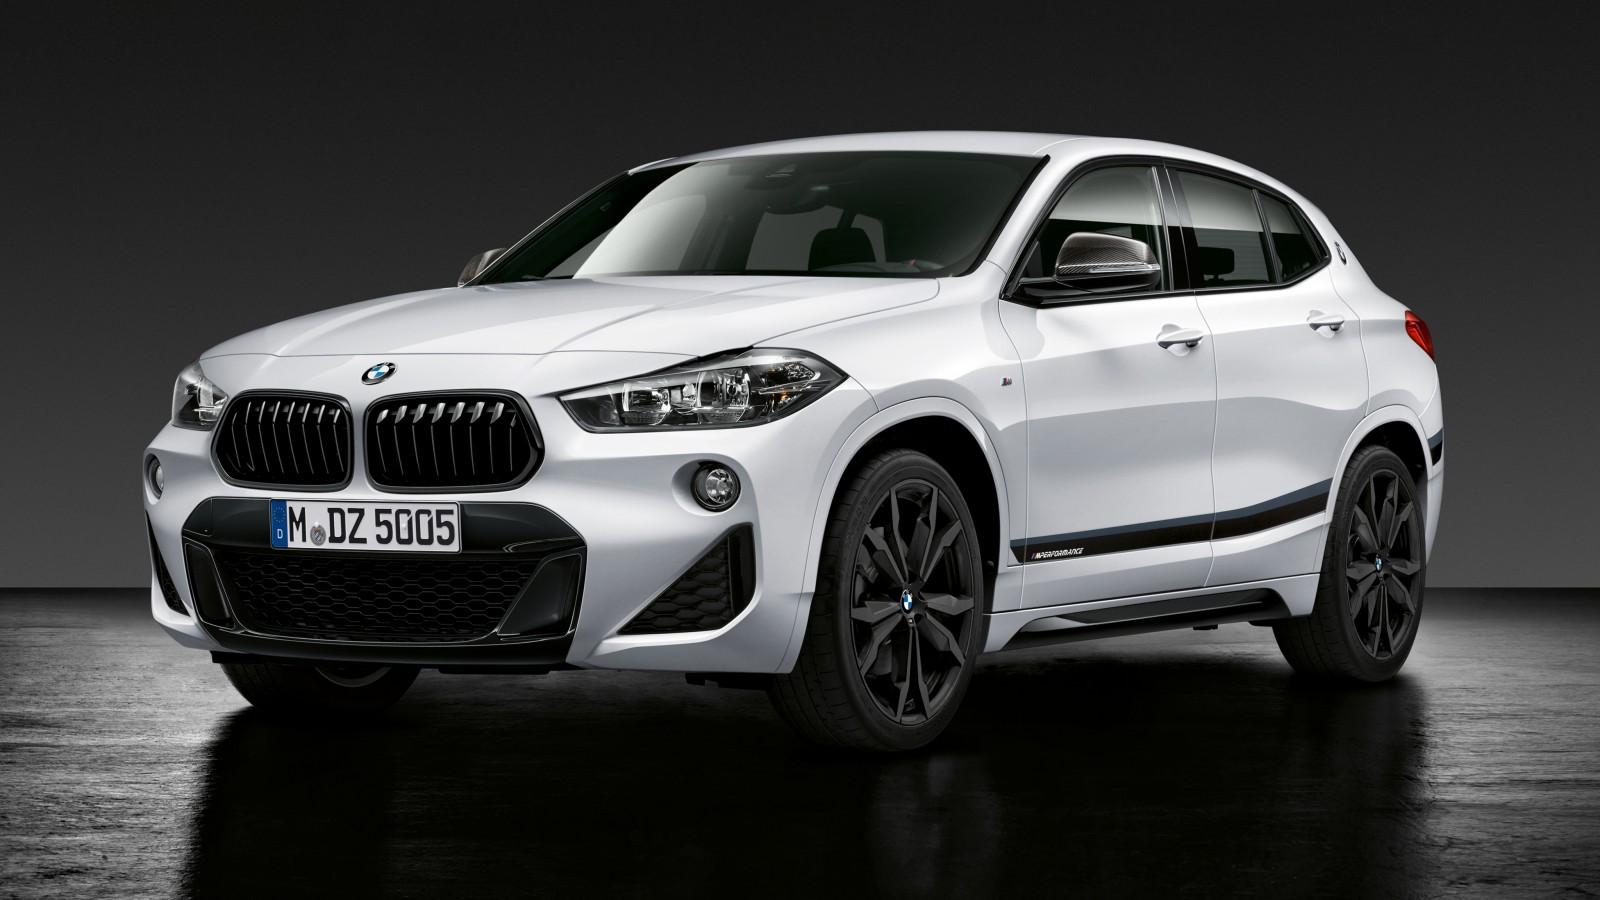 Entdecken sie original bmw f97 x3 m competition schriftzug schwarz logo emblem black badge in der großen auswahl bei ebay. 2018 BMW X2 M Performance Parts 4K Wallpaper | HD Car